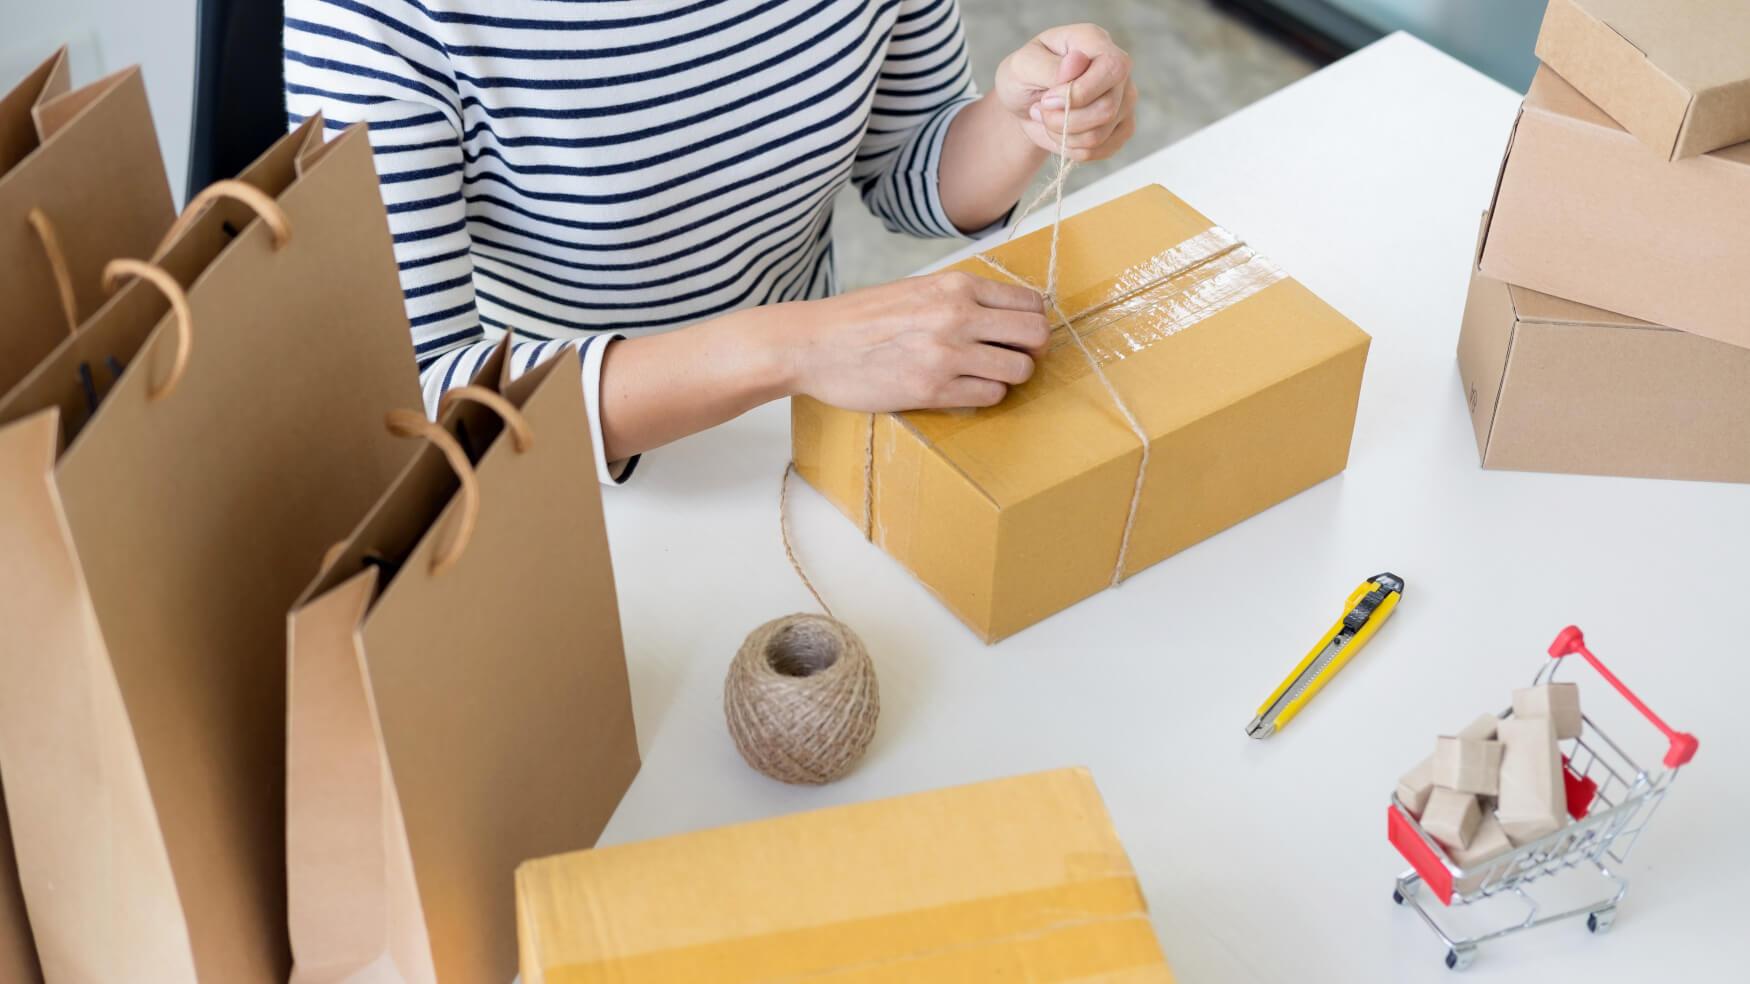 Produkte-Verpacken-Online-Einkaufen